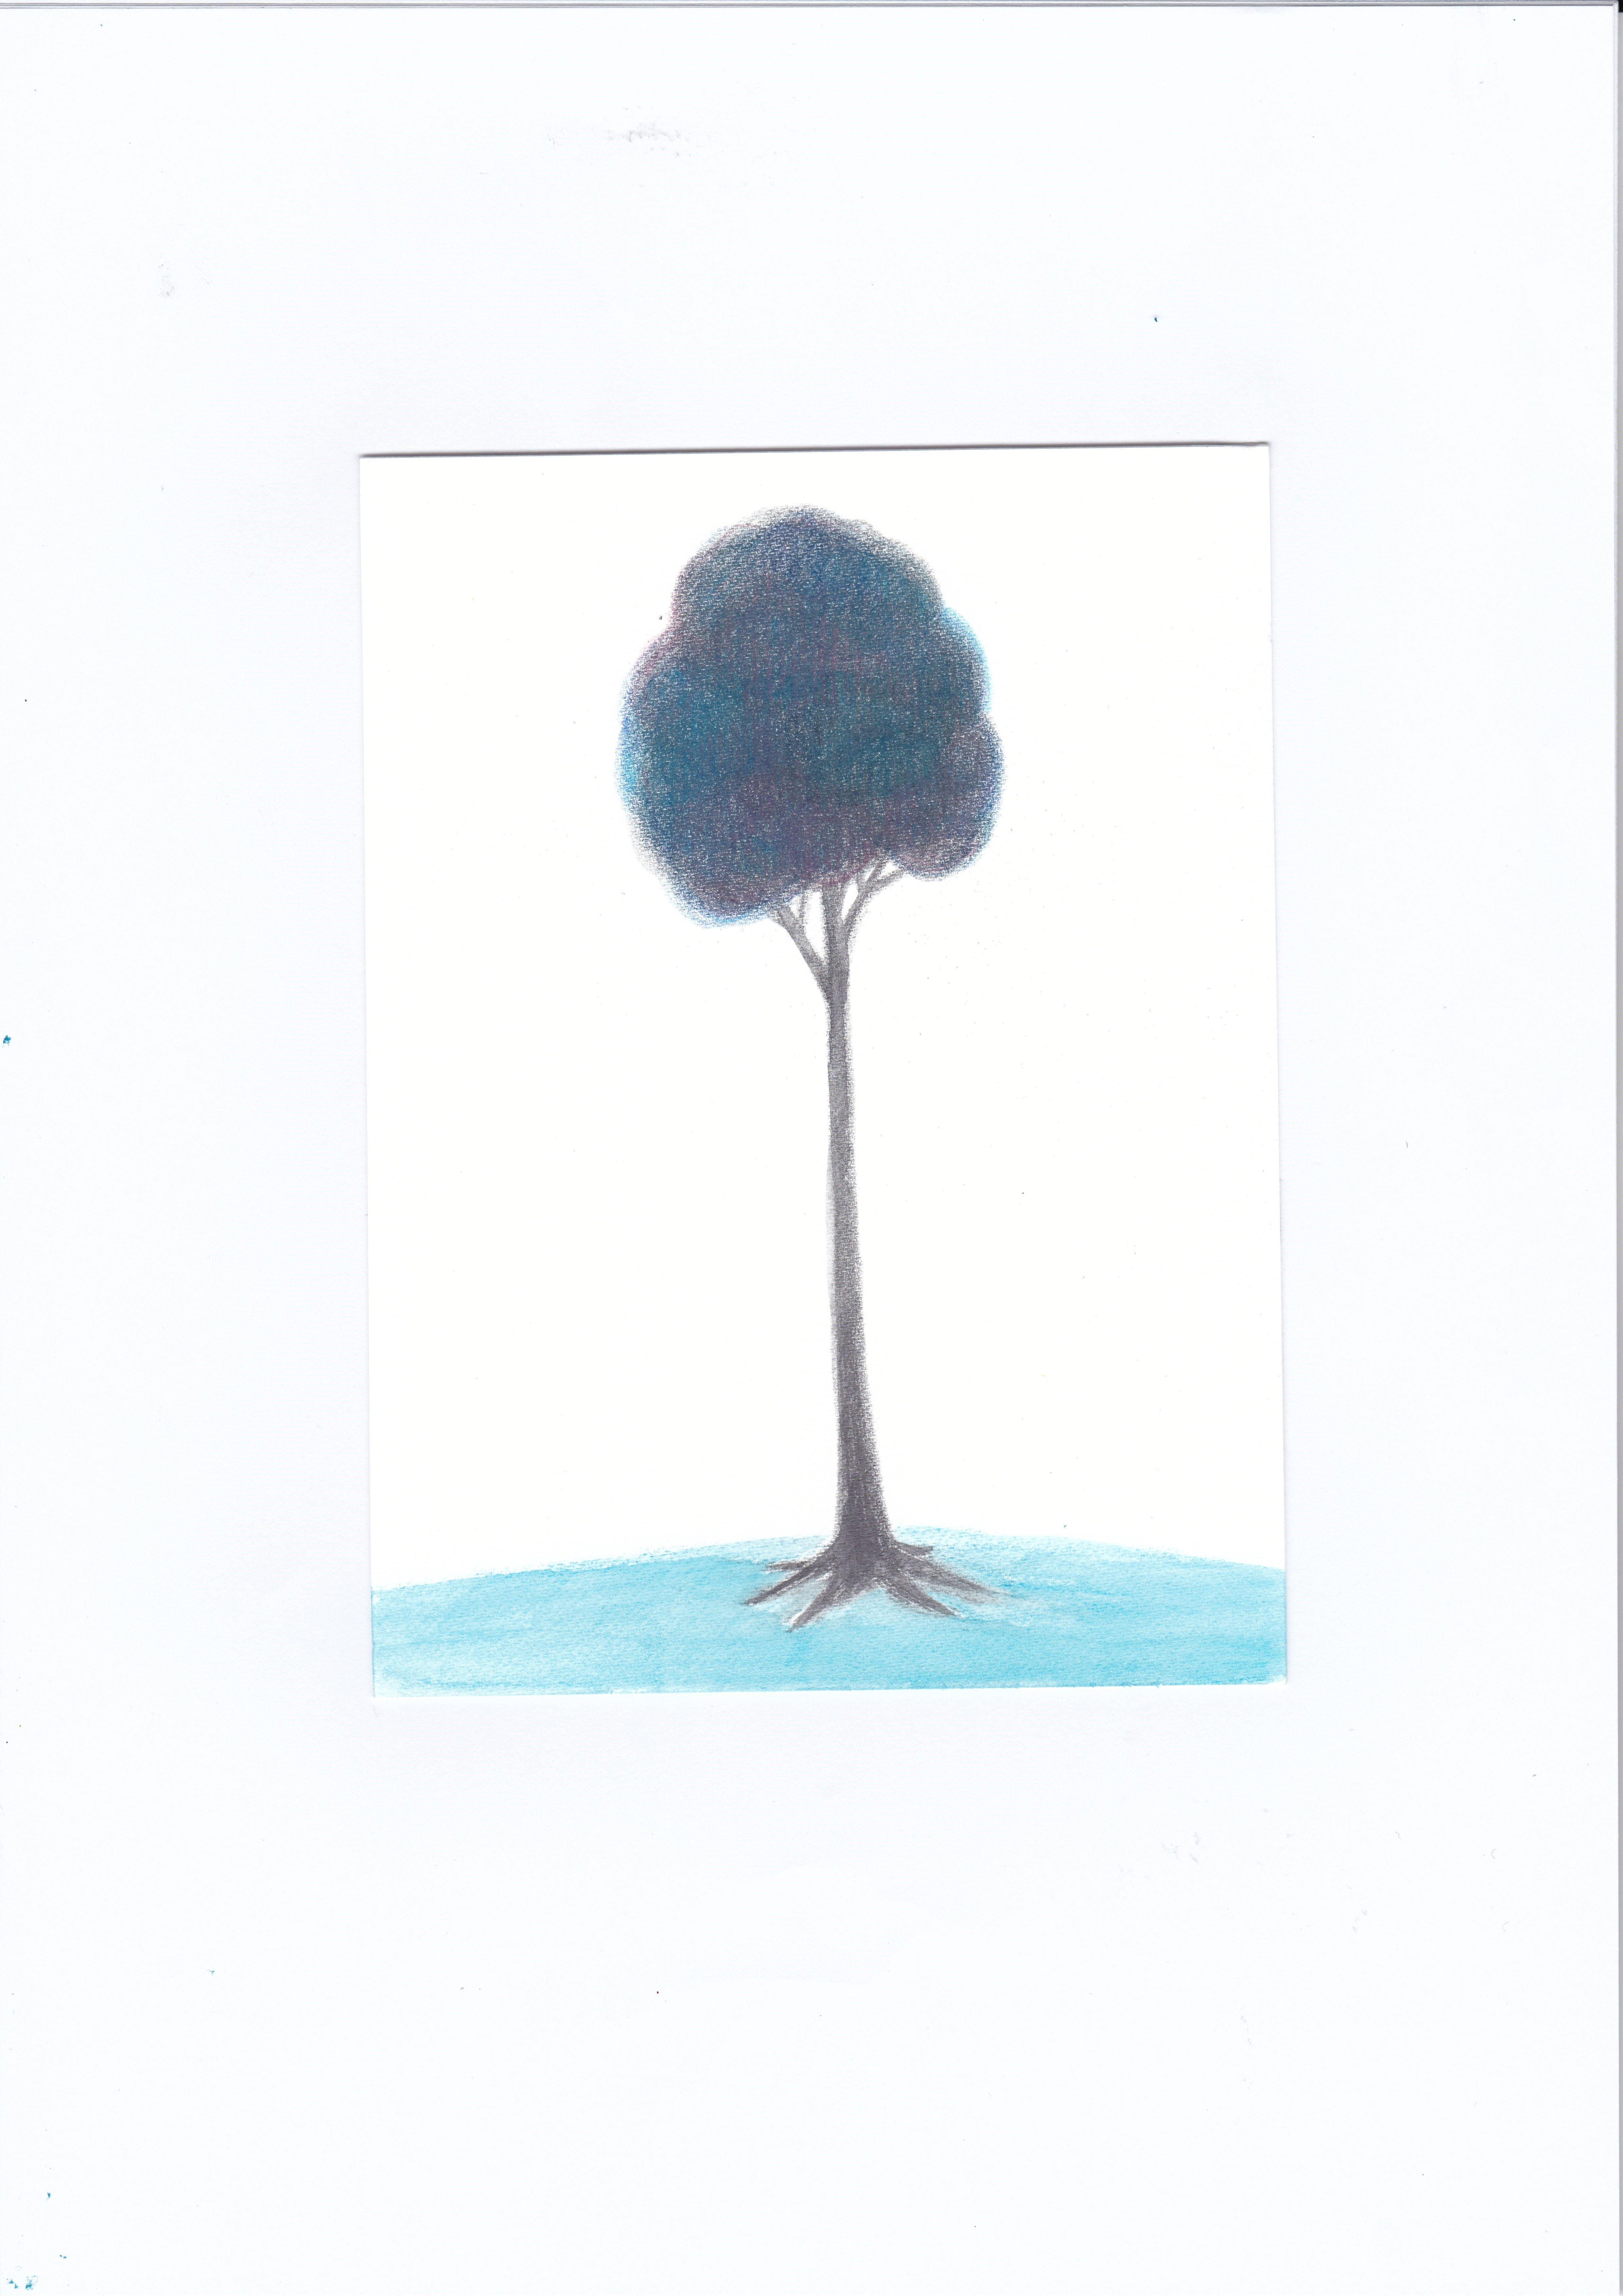 こまちだたまお《樹》